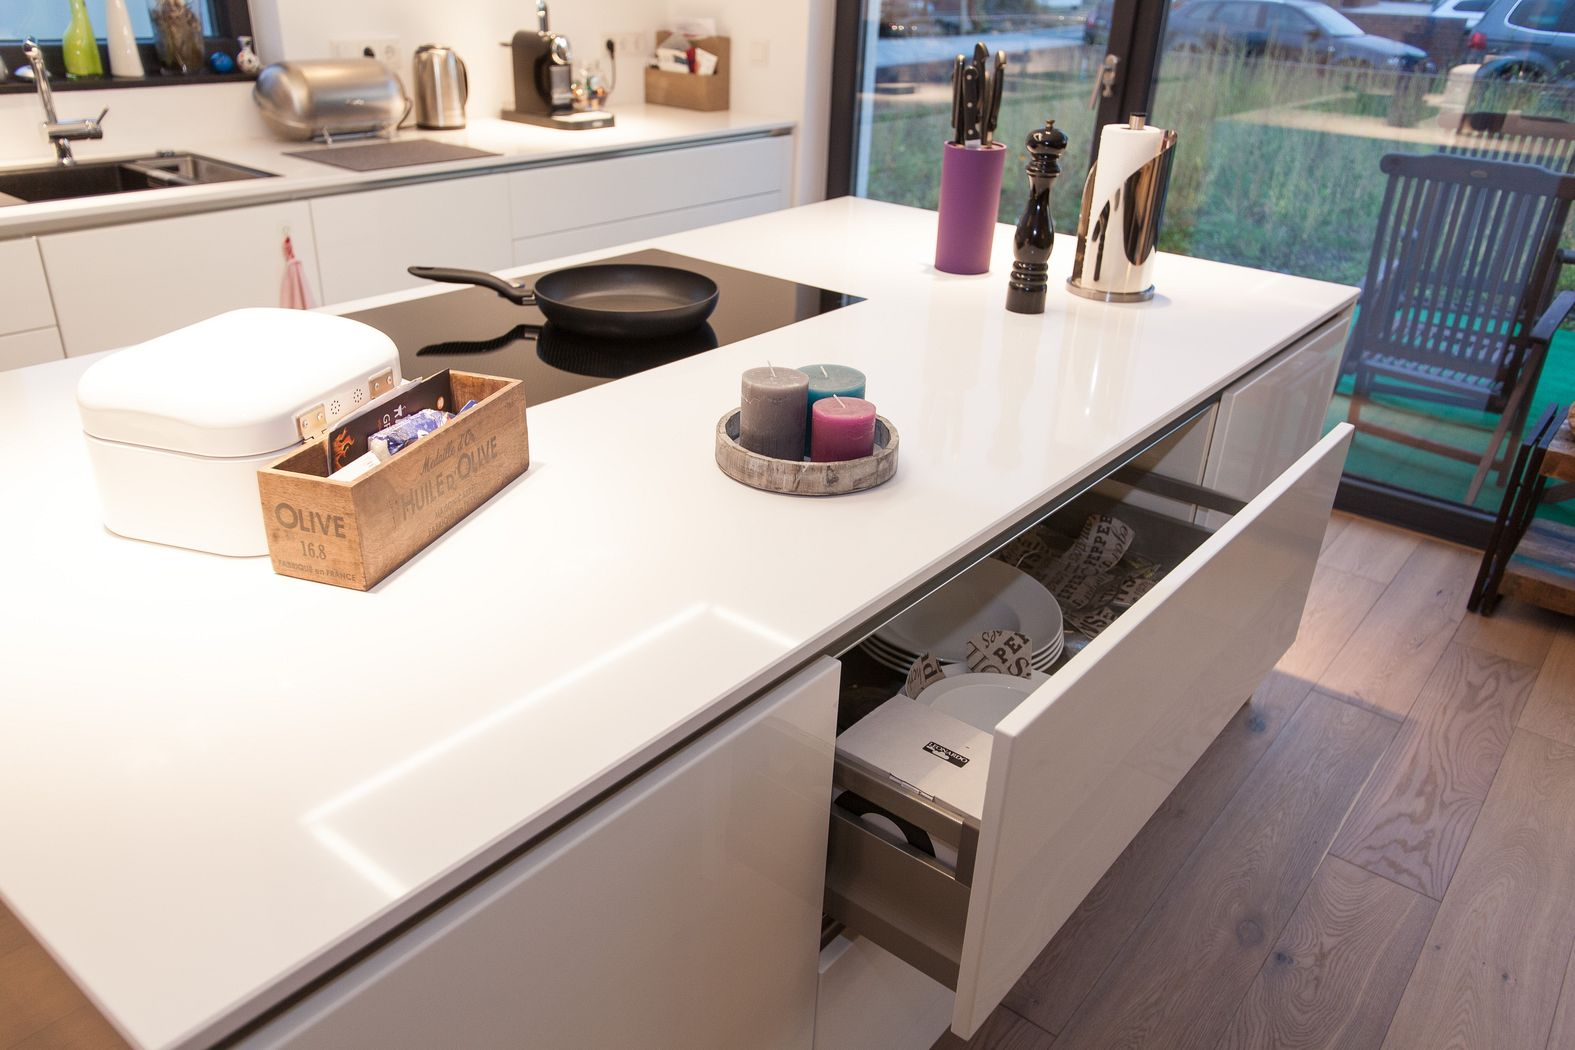 Großartig Bester Ort, Kücheninsel Kaufen Bilder - Ideen Für Die ...